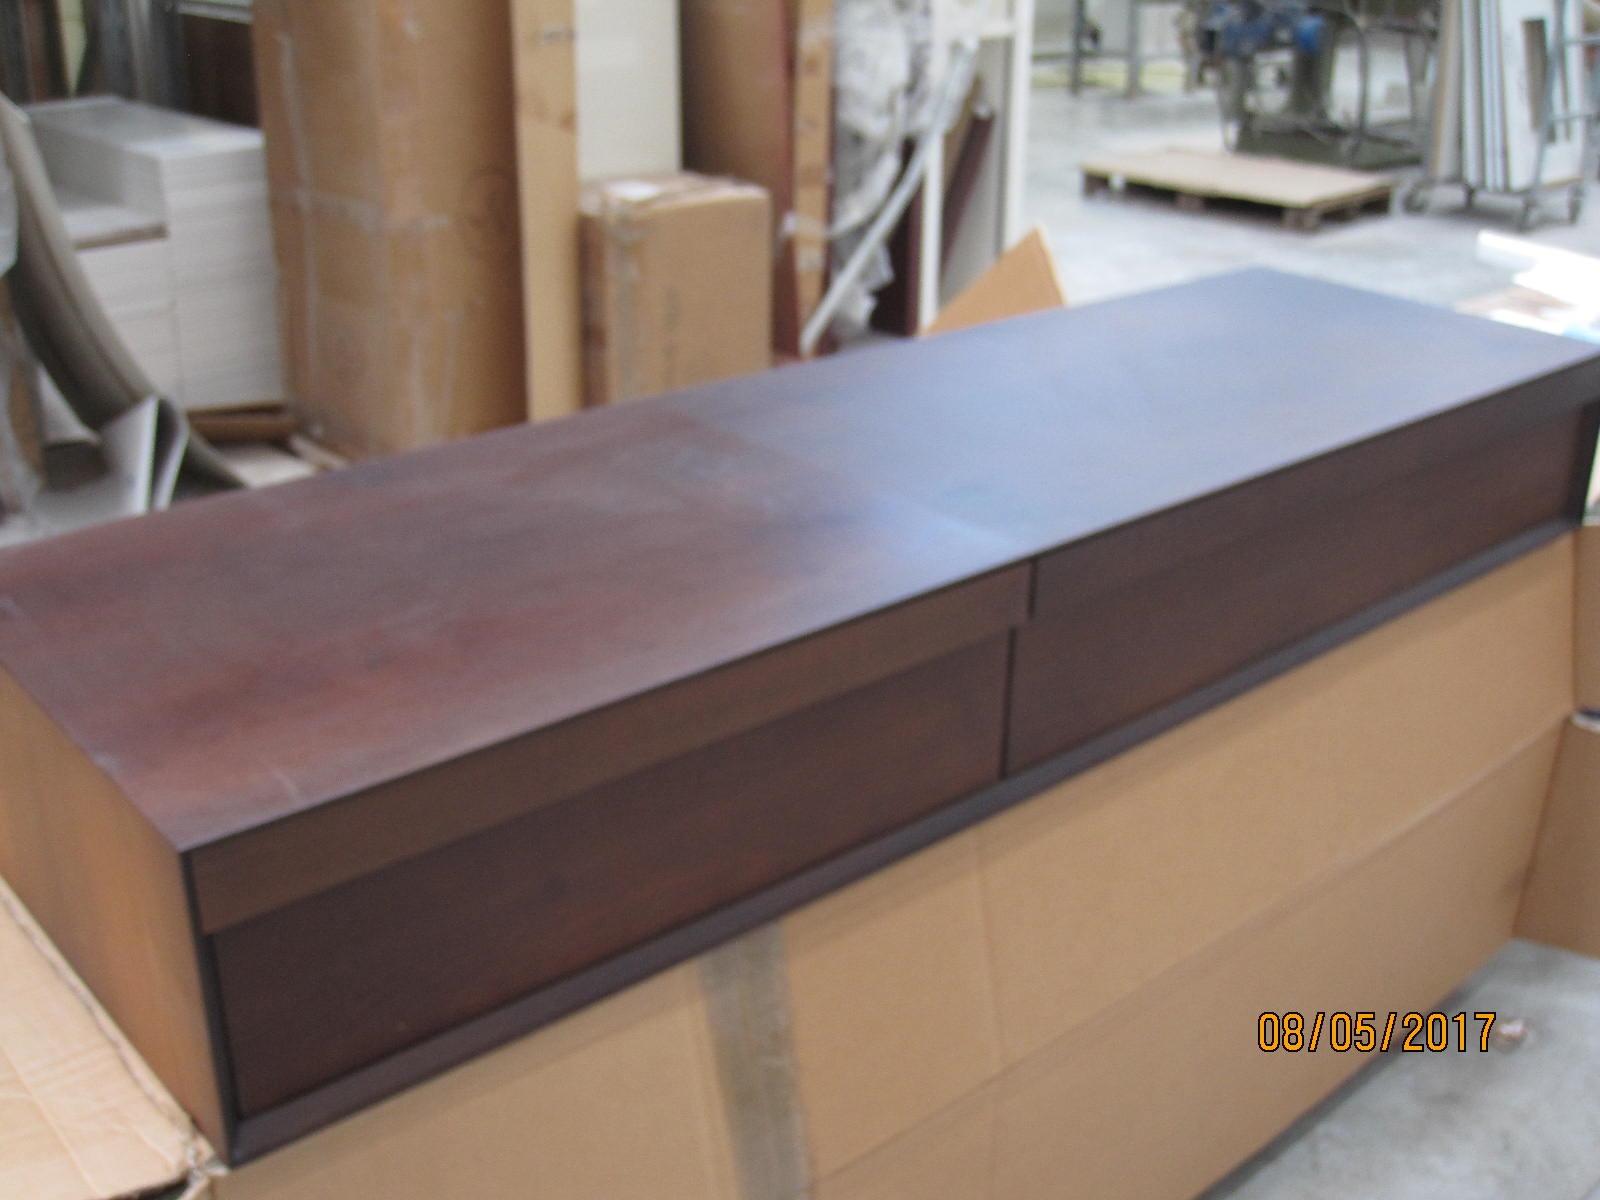 Arlex class design legno sospeso arredo bagno a prezzi for Arredo legno design